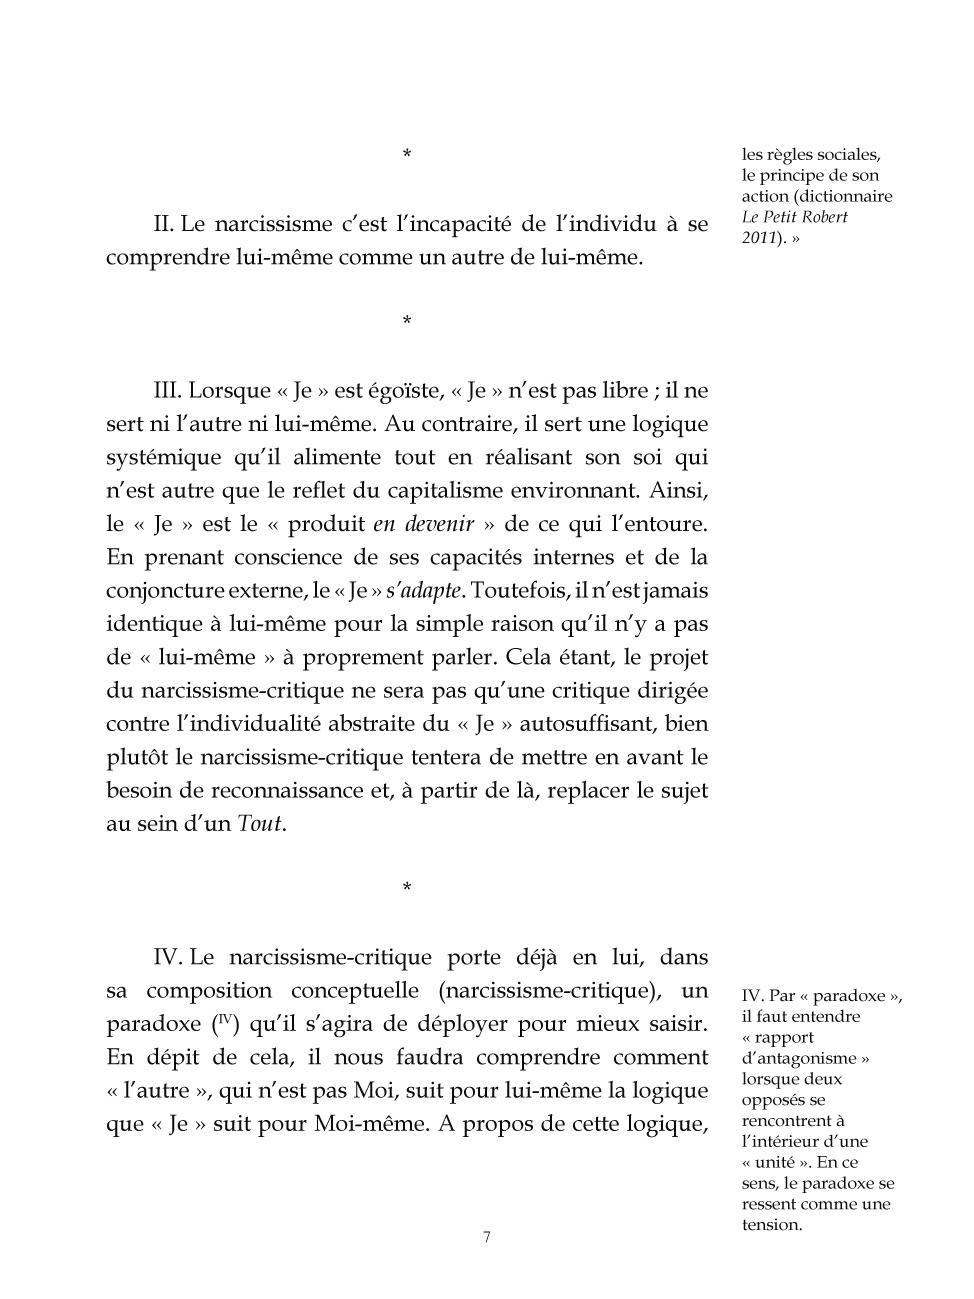 narcissisme-critique - page 7